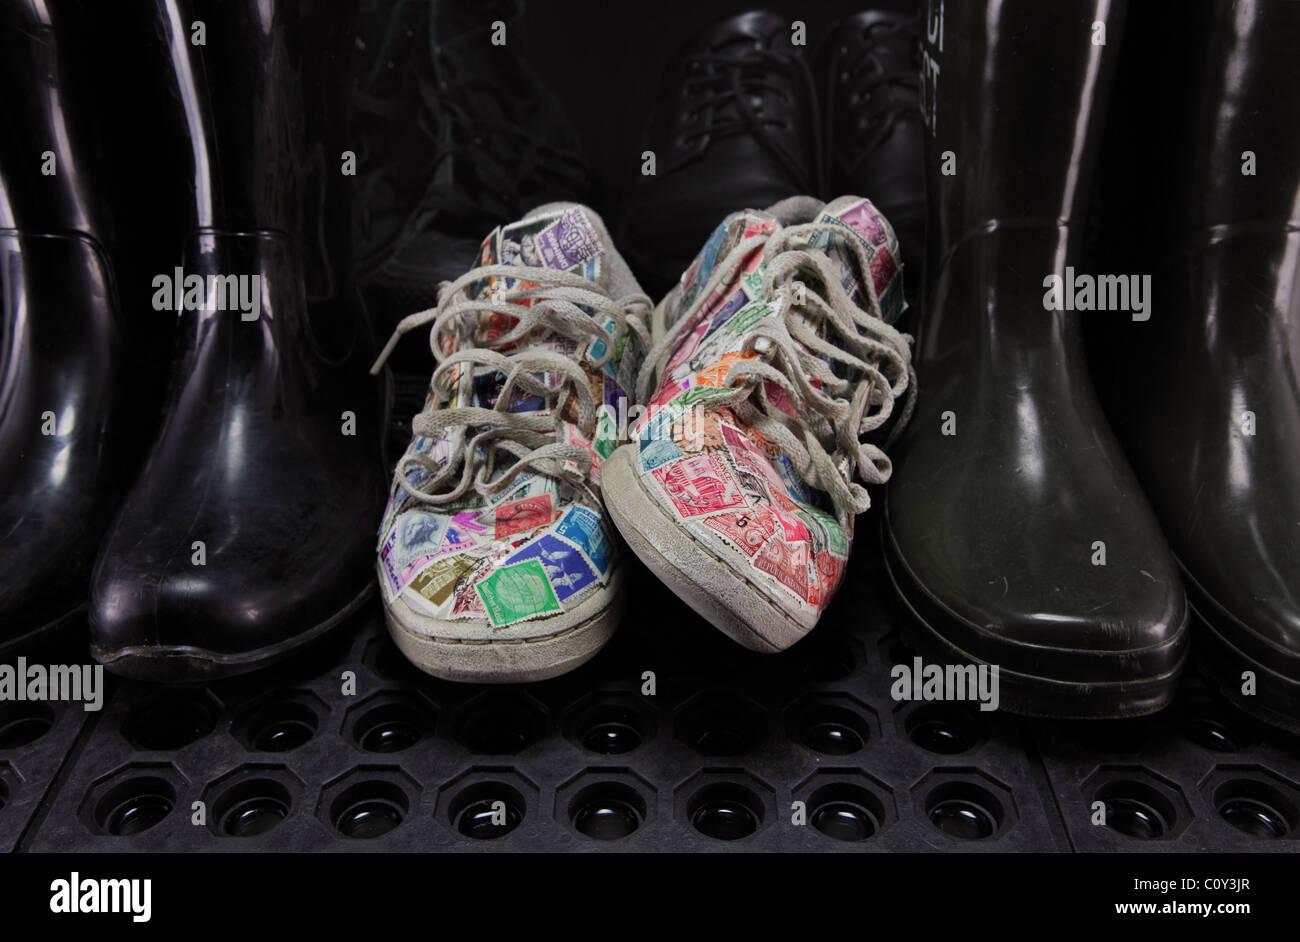 Laufschuhe mit Briefmarken, zwischen den dunklen und schwarzen Gummistiefeln und schwarzen Schuhen bedeckt. Stockbild